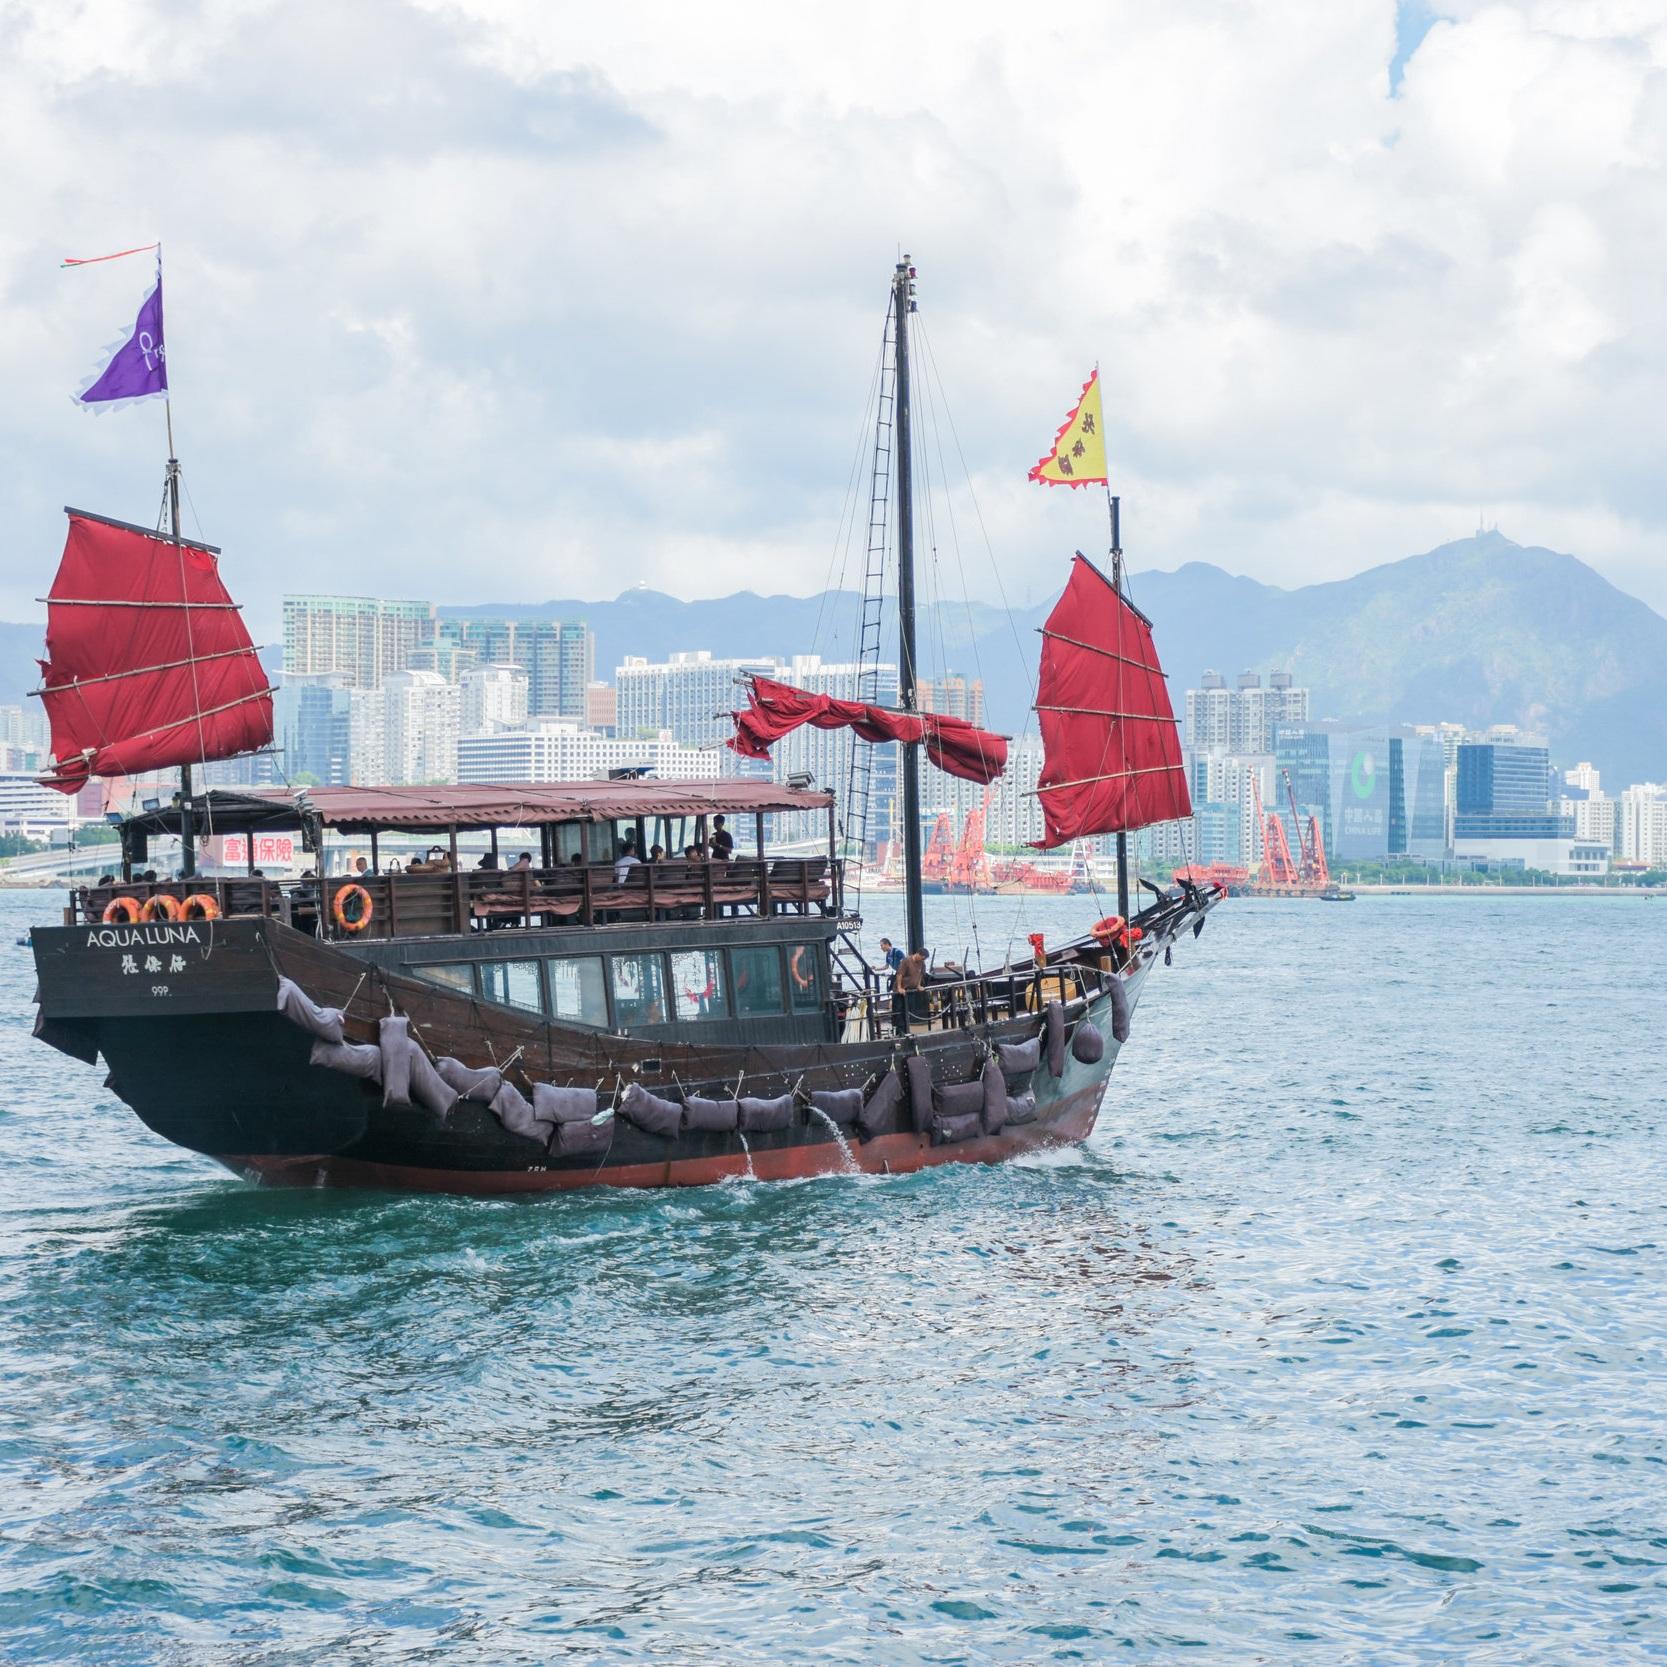 MAY 30, 2019 HONG KONG - US IMMIGRATION BY INVESTMENT SEMINAR